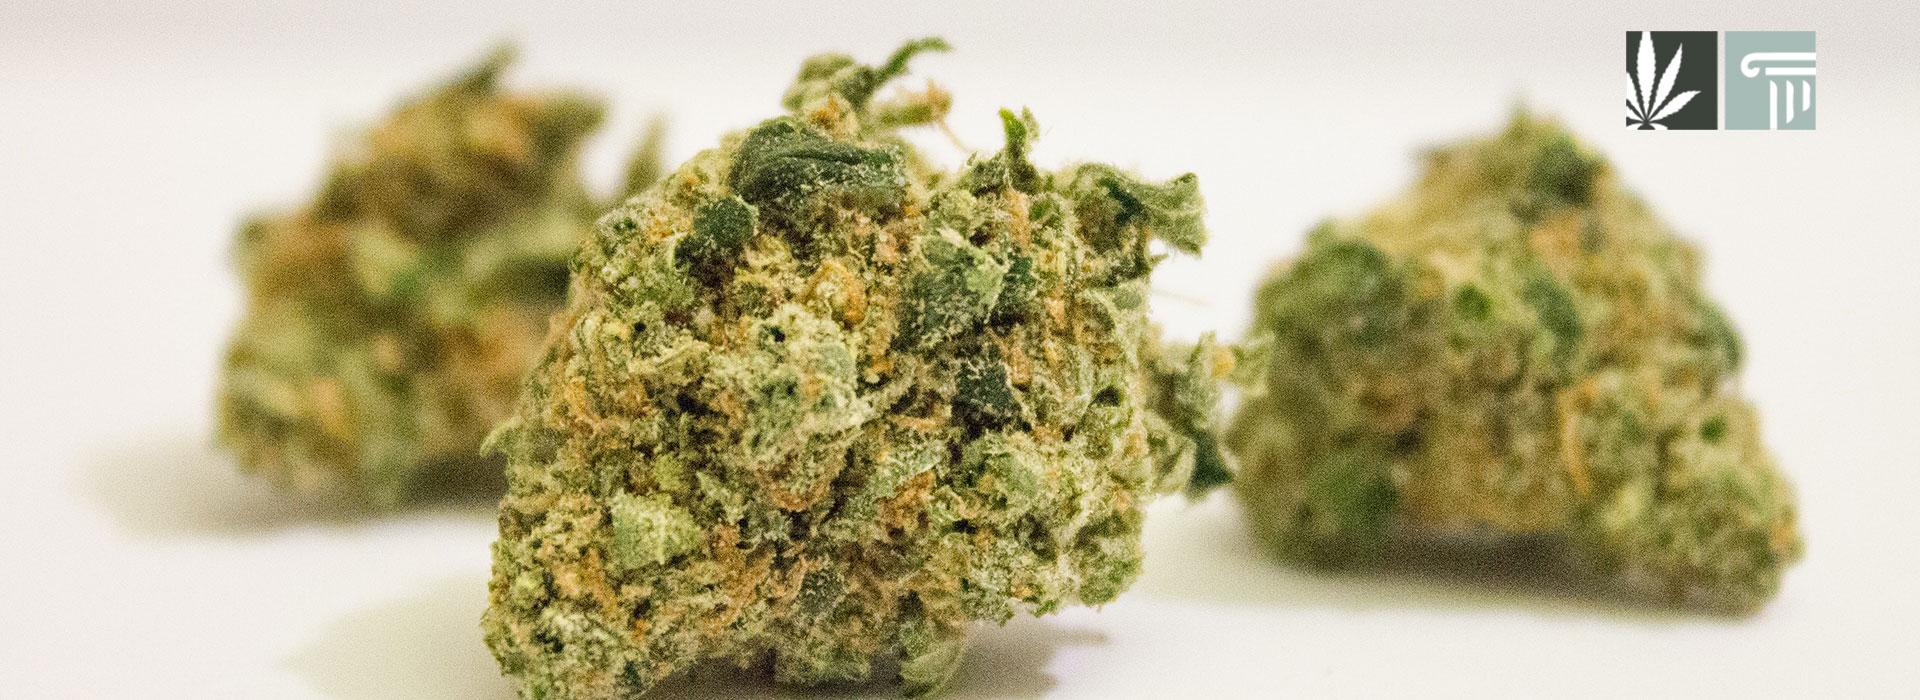 Marijuana legal new mexico